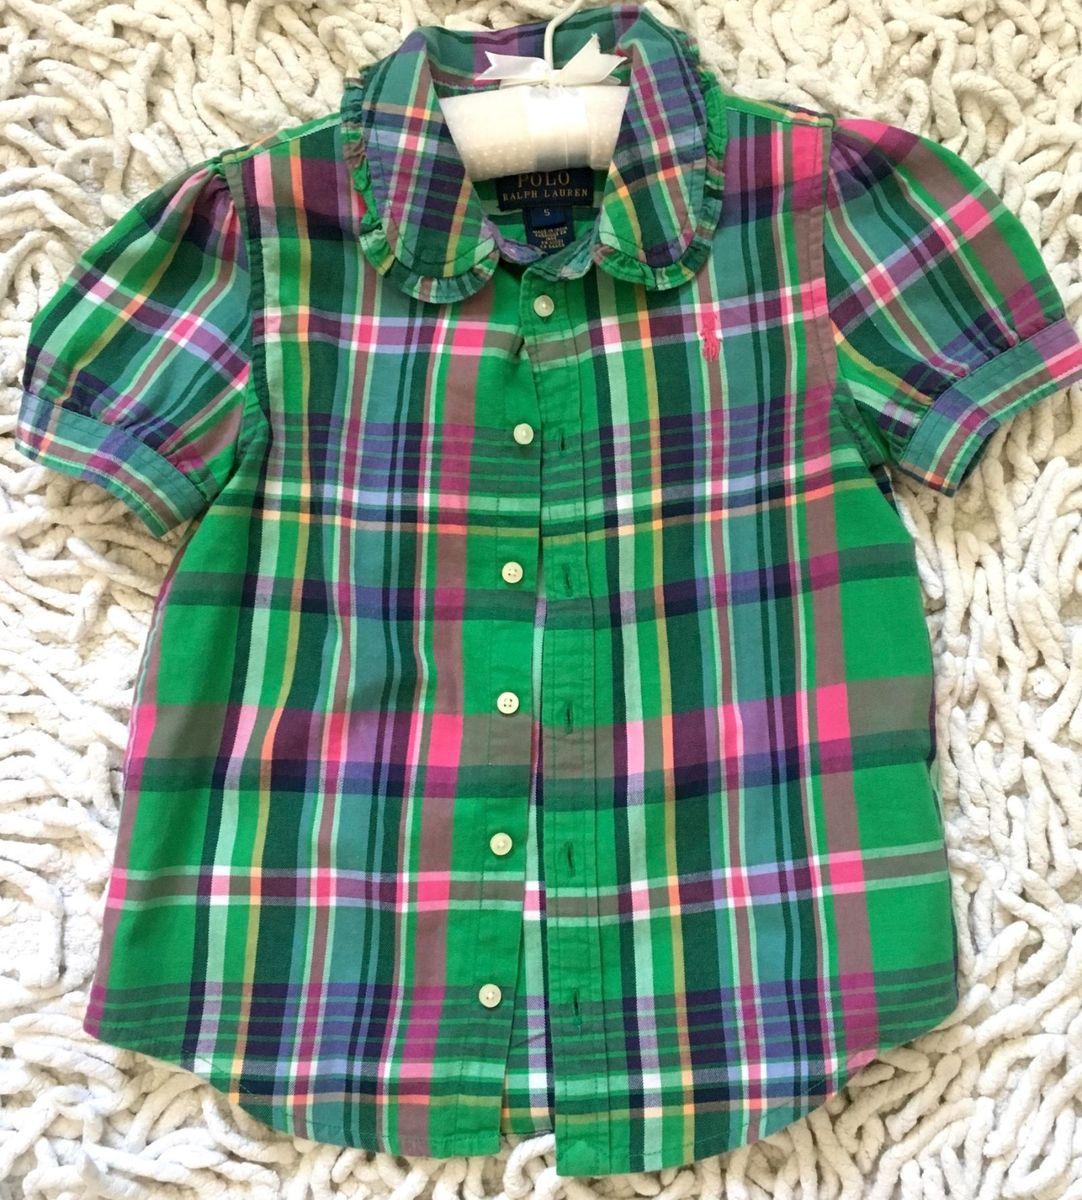 camisa xadrez ralph lauren - menina polo ralph lauren 45685245cc5